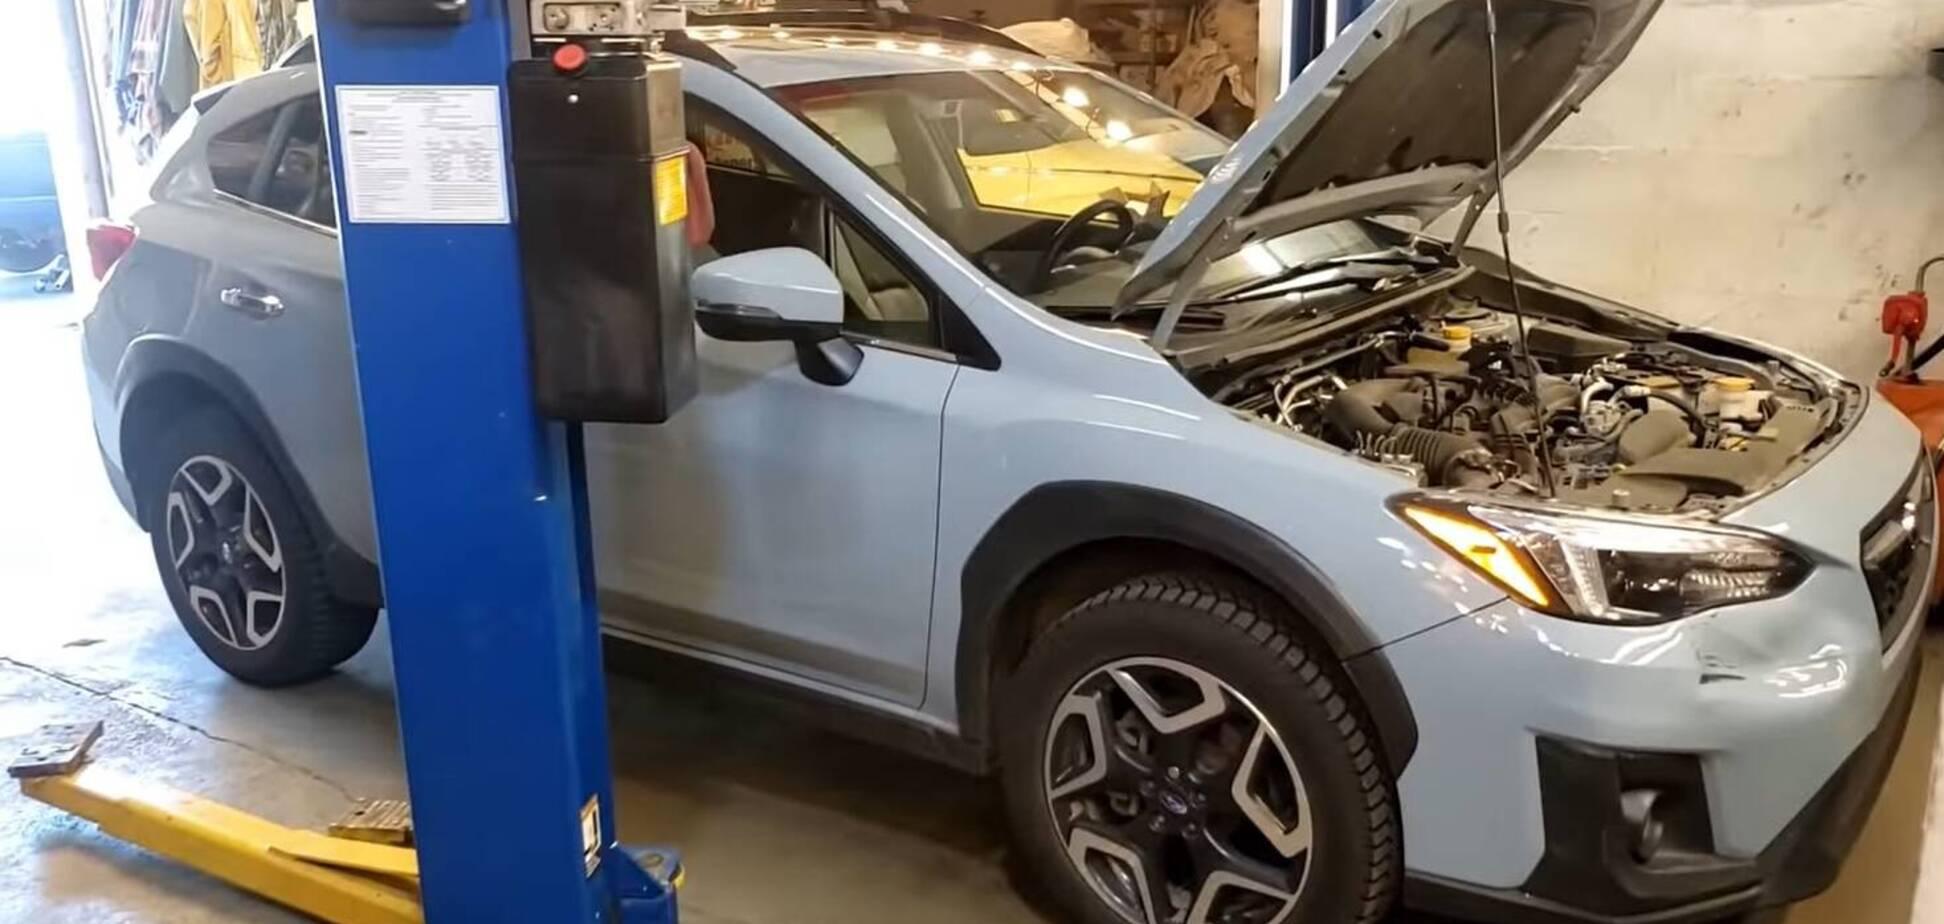 У новому Subaru забули поміняти масло: що з ним стало на 36 000 км пробігу